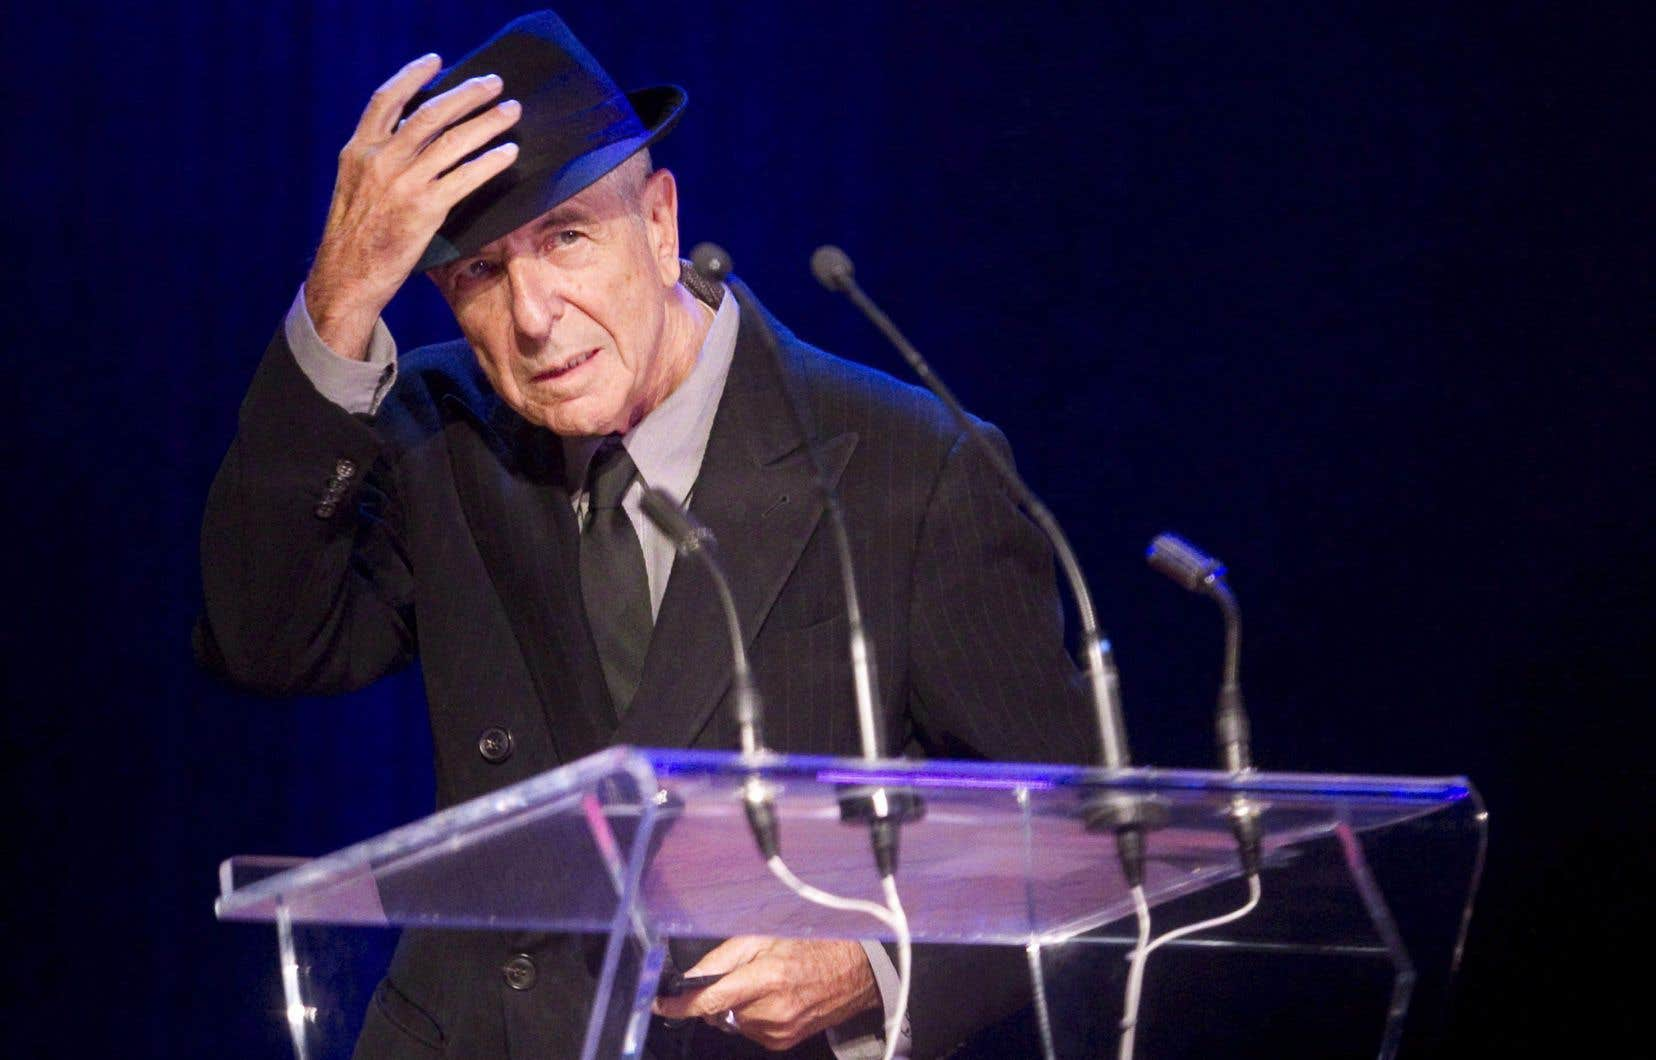 L'auteur-compositeur-interprète Leonard Cohen, au moment de recevoir le prix Glenn Gould à Toronto en 2012